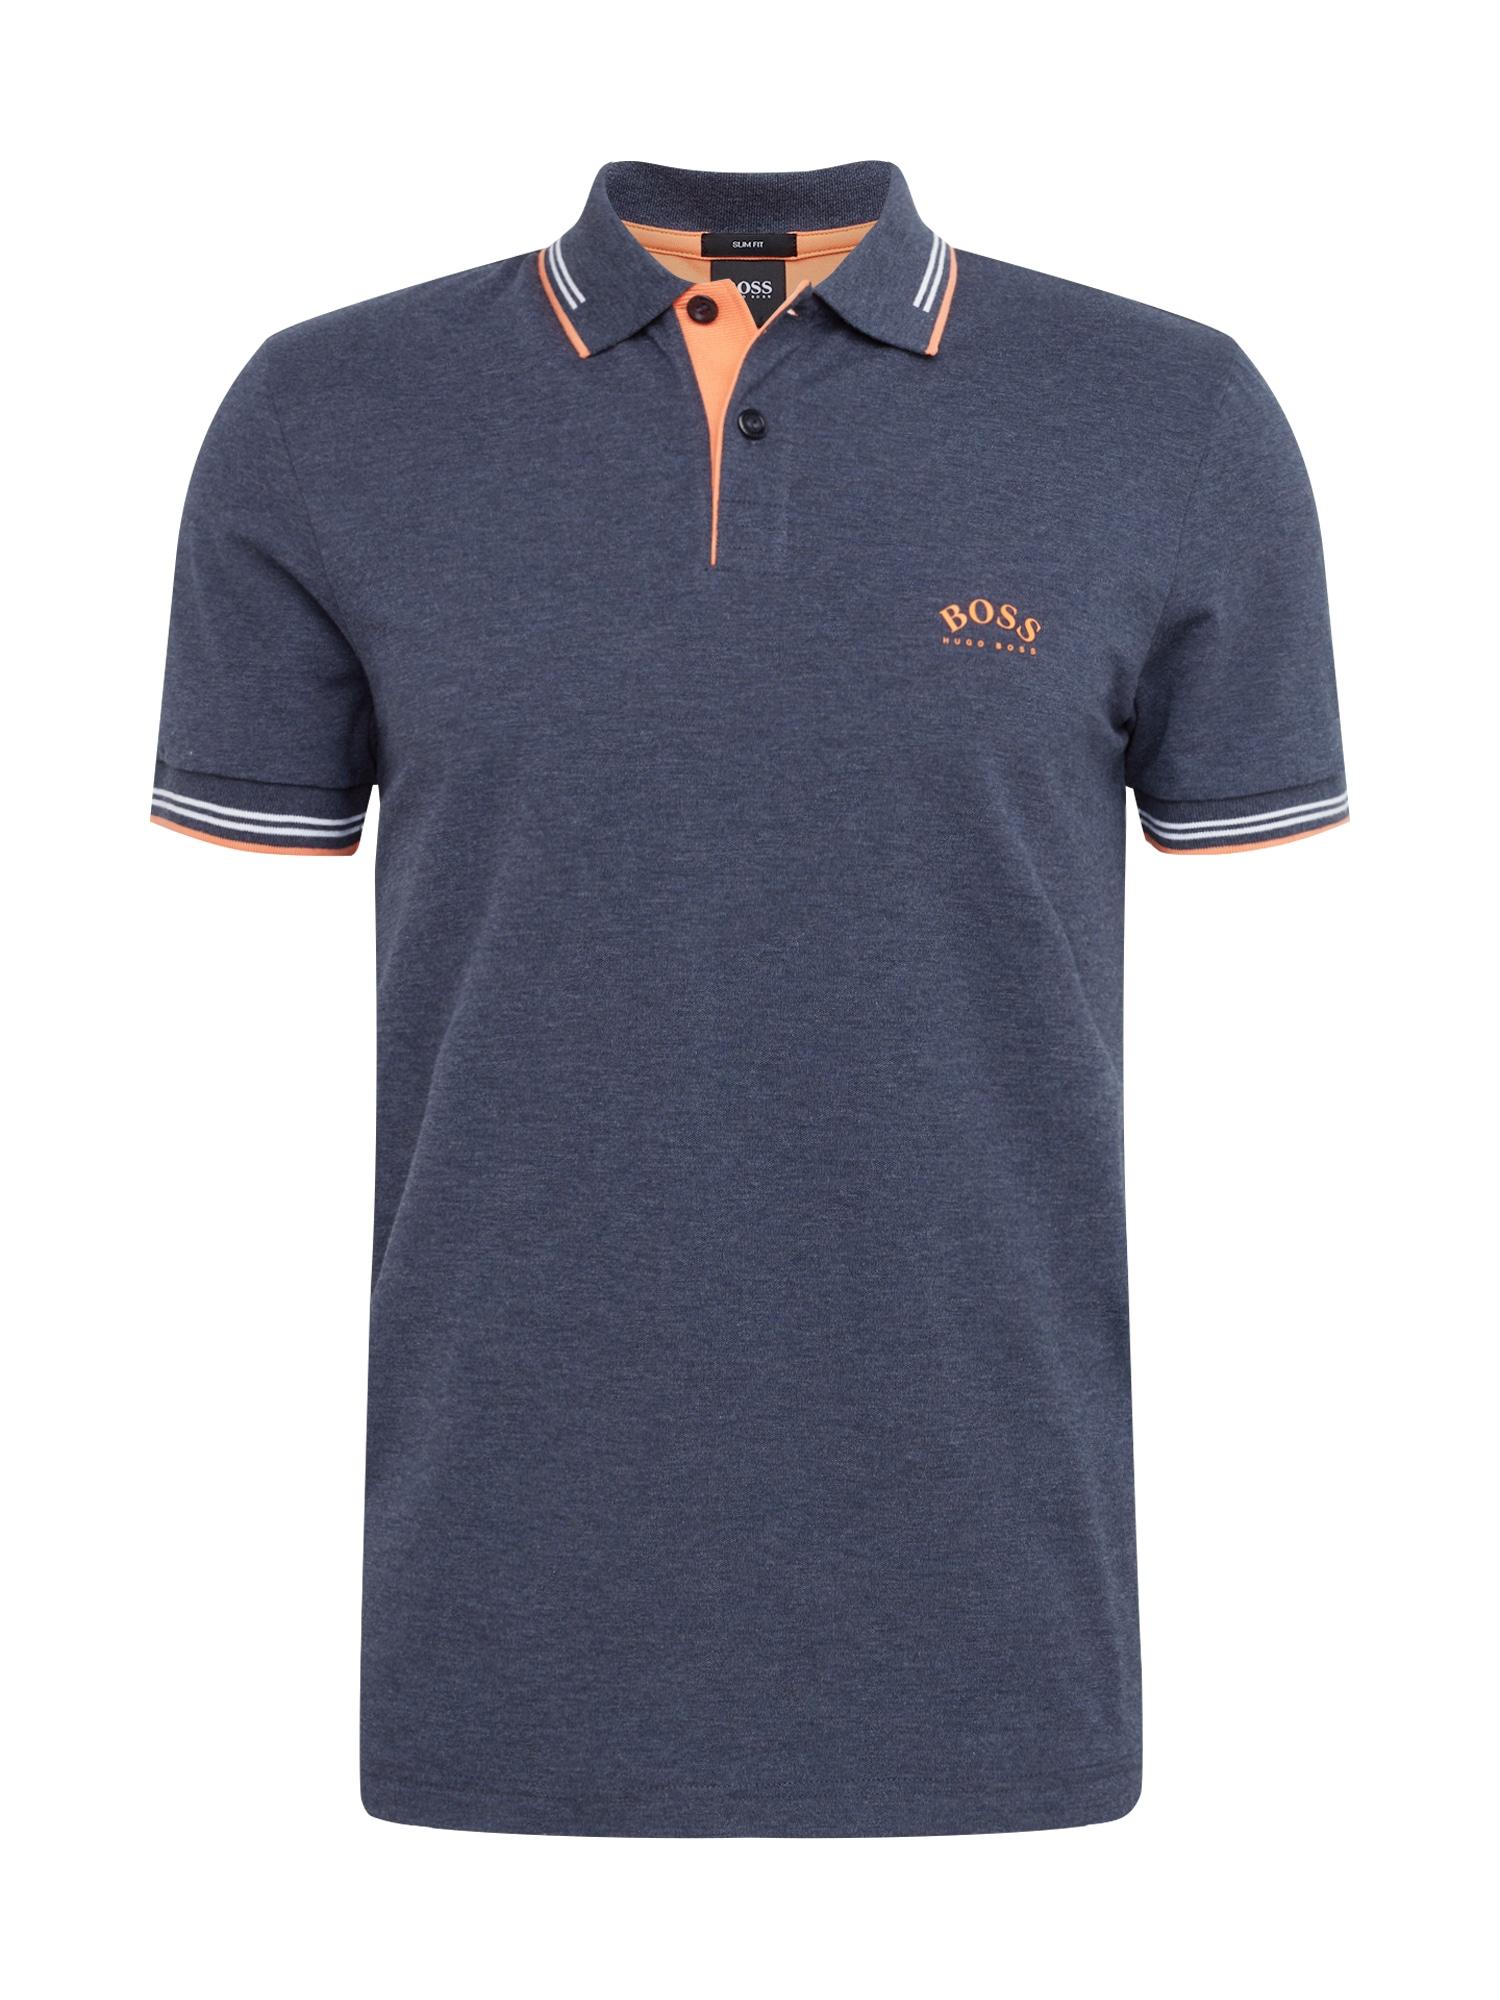 BOSS ATHLEISURE Marškinėliai 'Paul Curved' tamsiai mėlyna